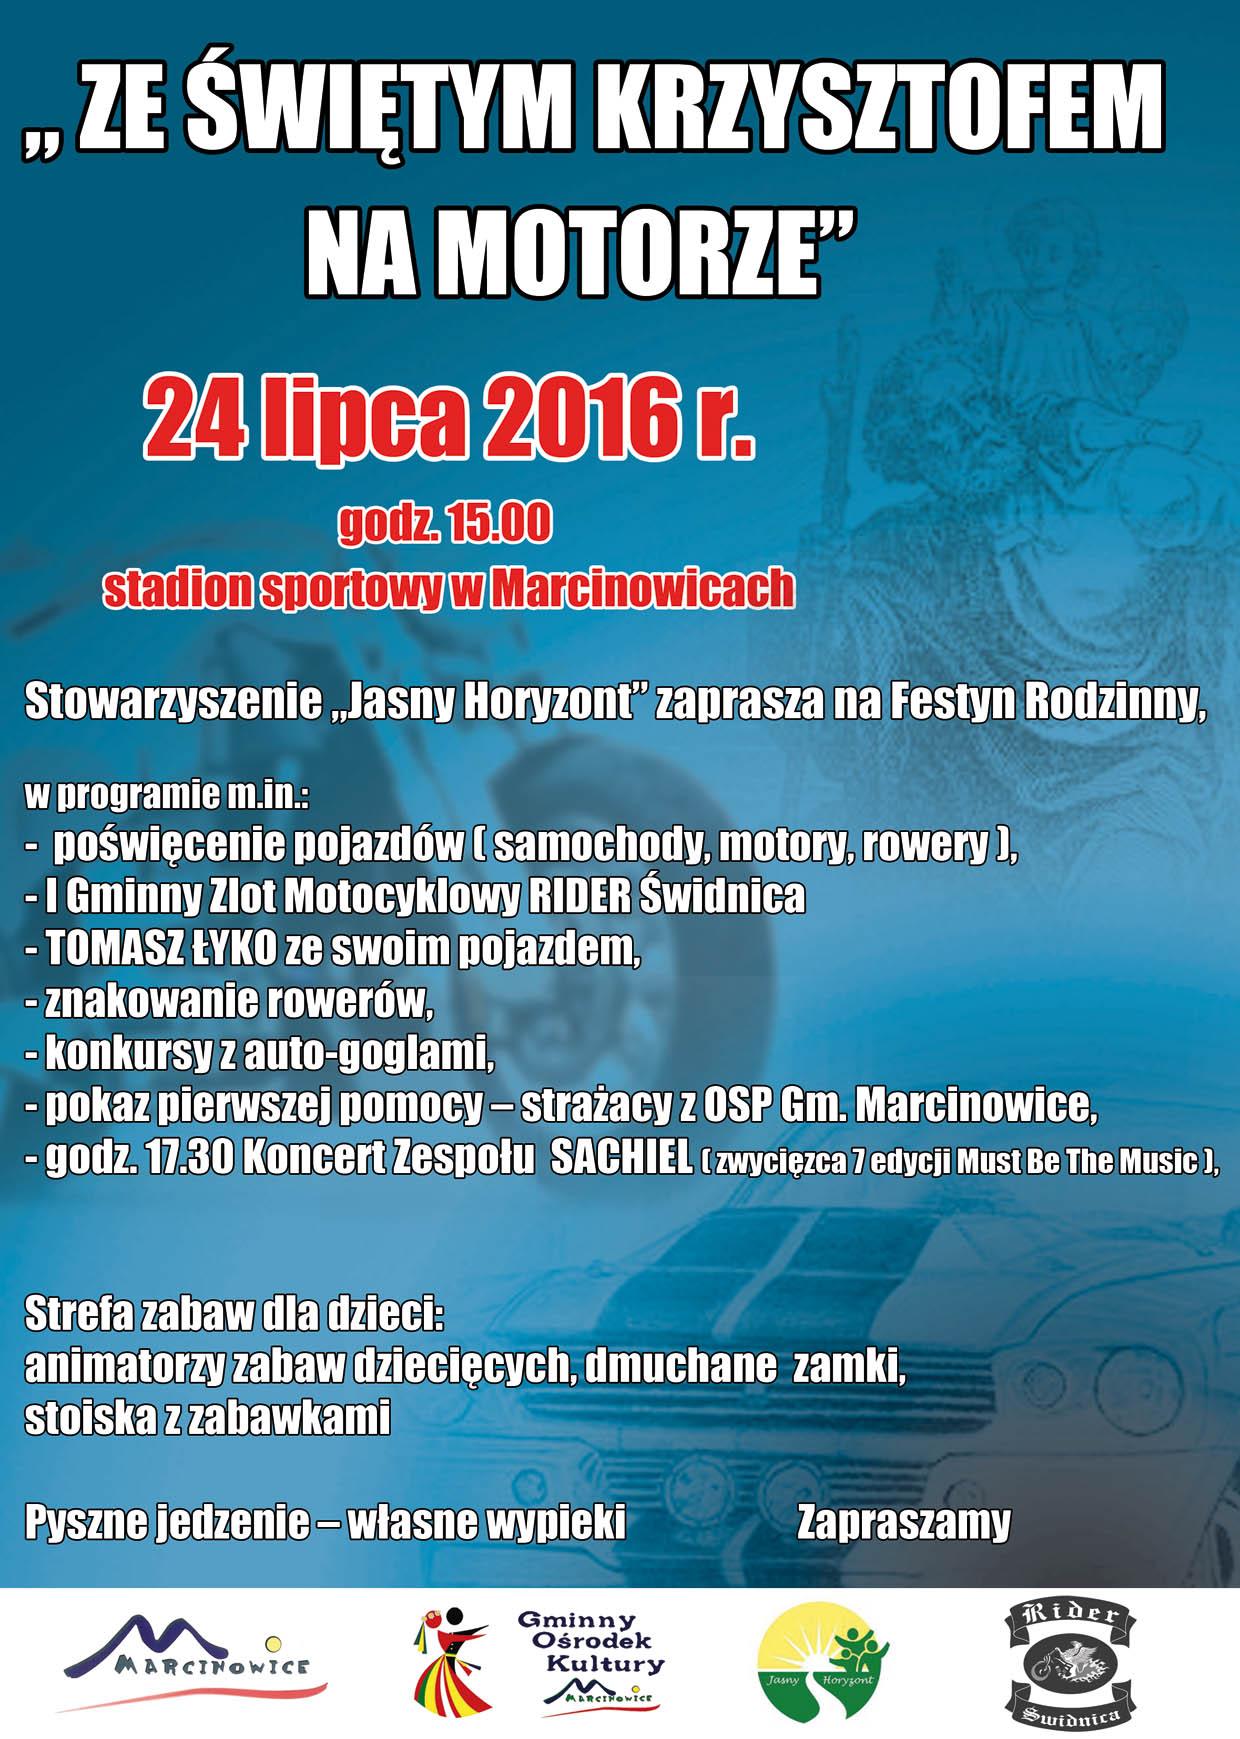 Plakat Z św Krzysztofem